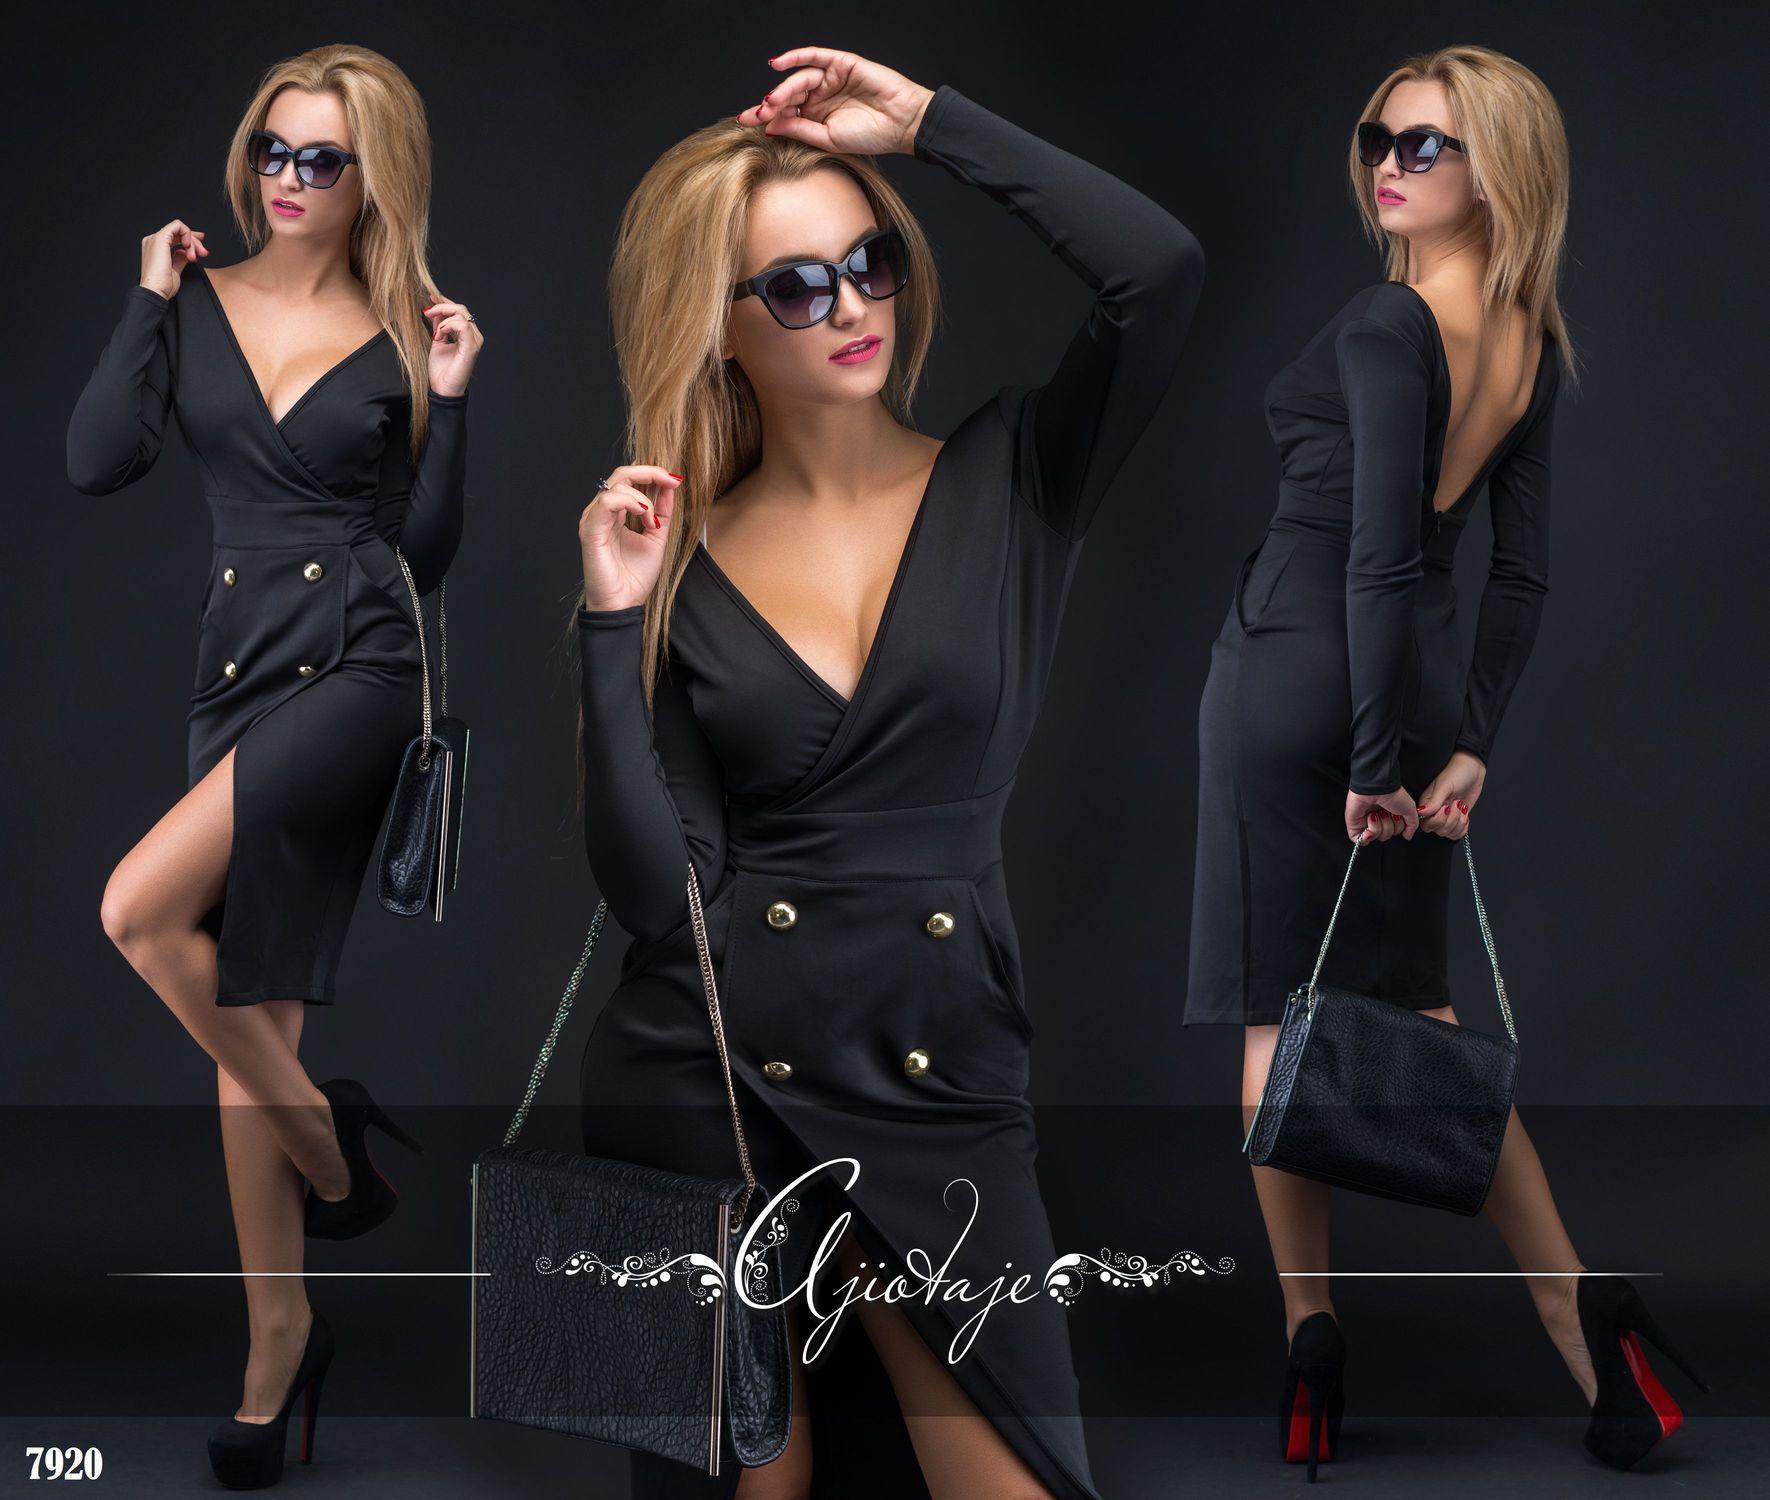 Сбор заказов. Качественная брендовая одежда по супер выгодным ценам (от 550 руб) на разные типы фигур (до 62 р-ра). Новинки каждые 2 дня. Без рядов. - 3